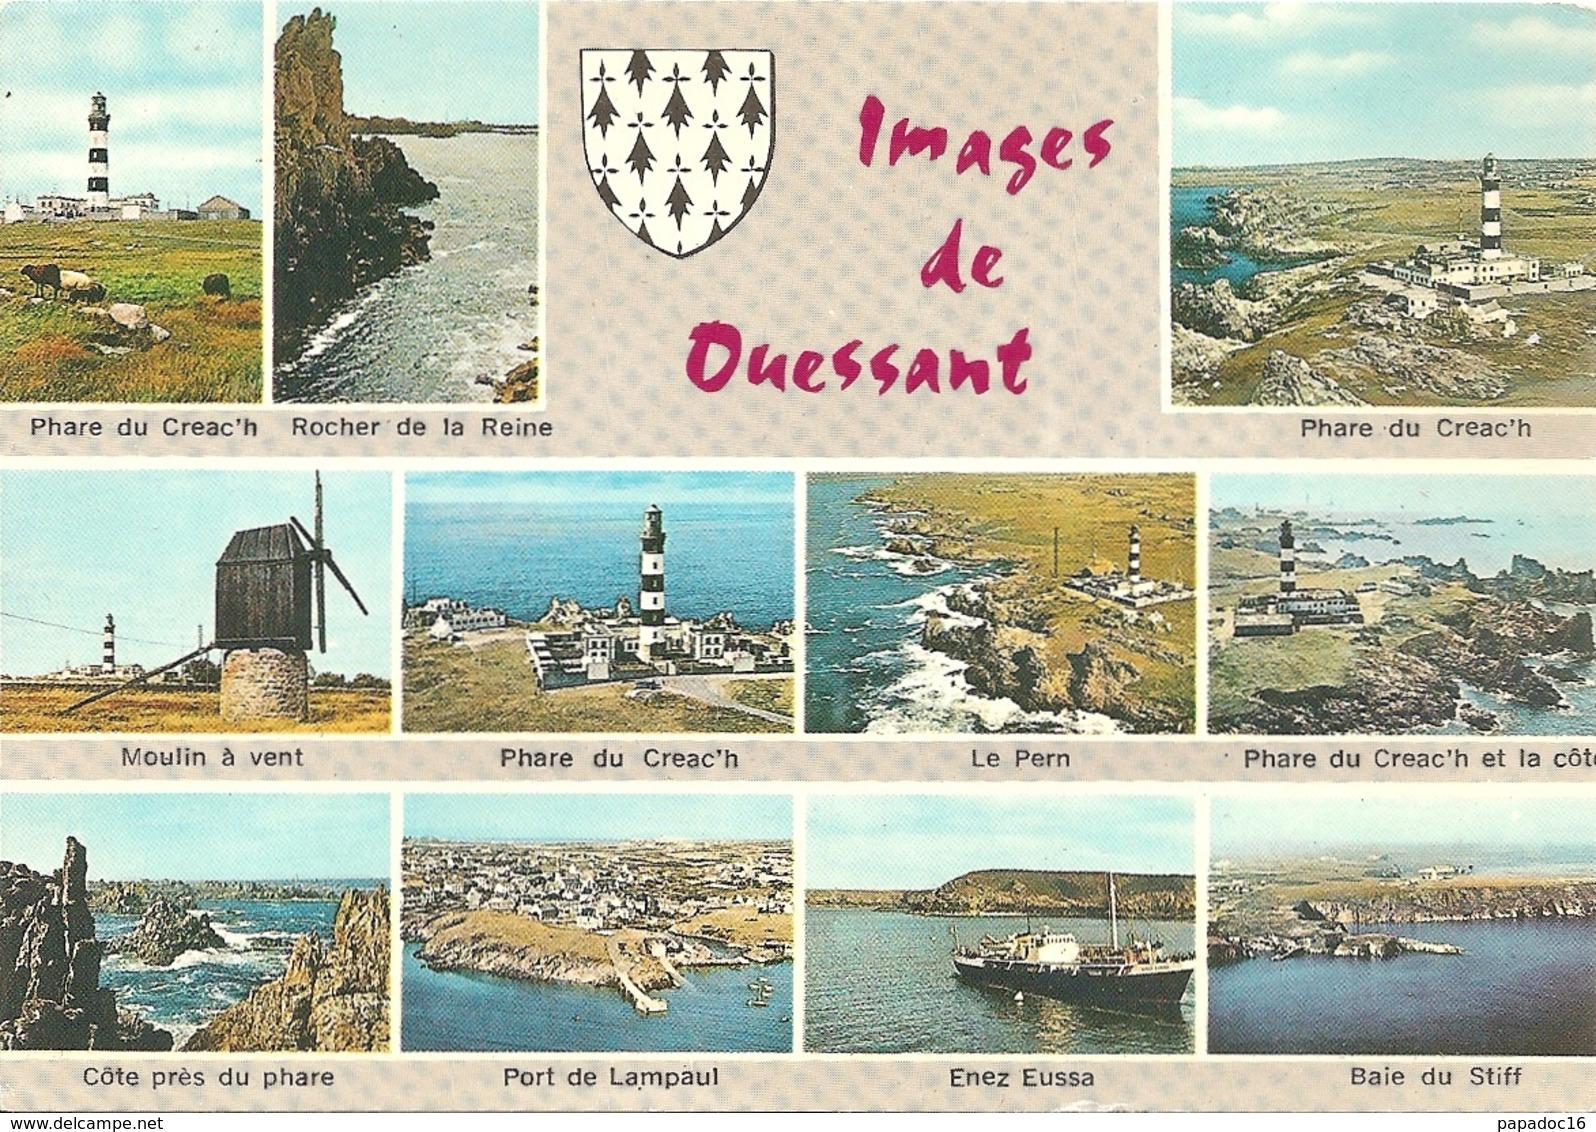 29 - Images De Ouessant - Multivues (11) : Phare Du Creac'h, Le Pern, Port De Lampaul, Enez Eussa, Baie Du Stiff... - Ouessant